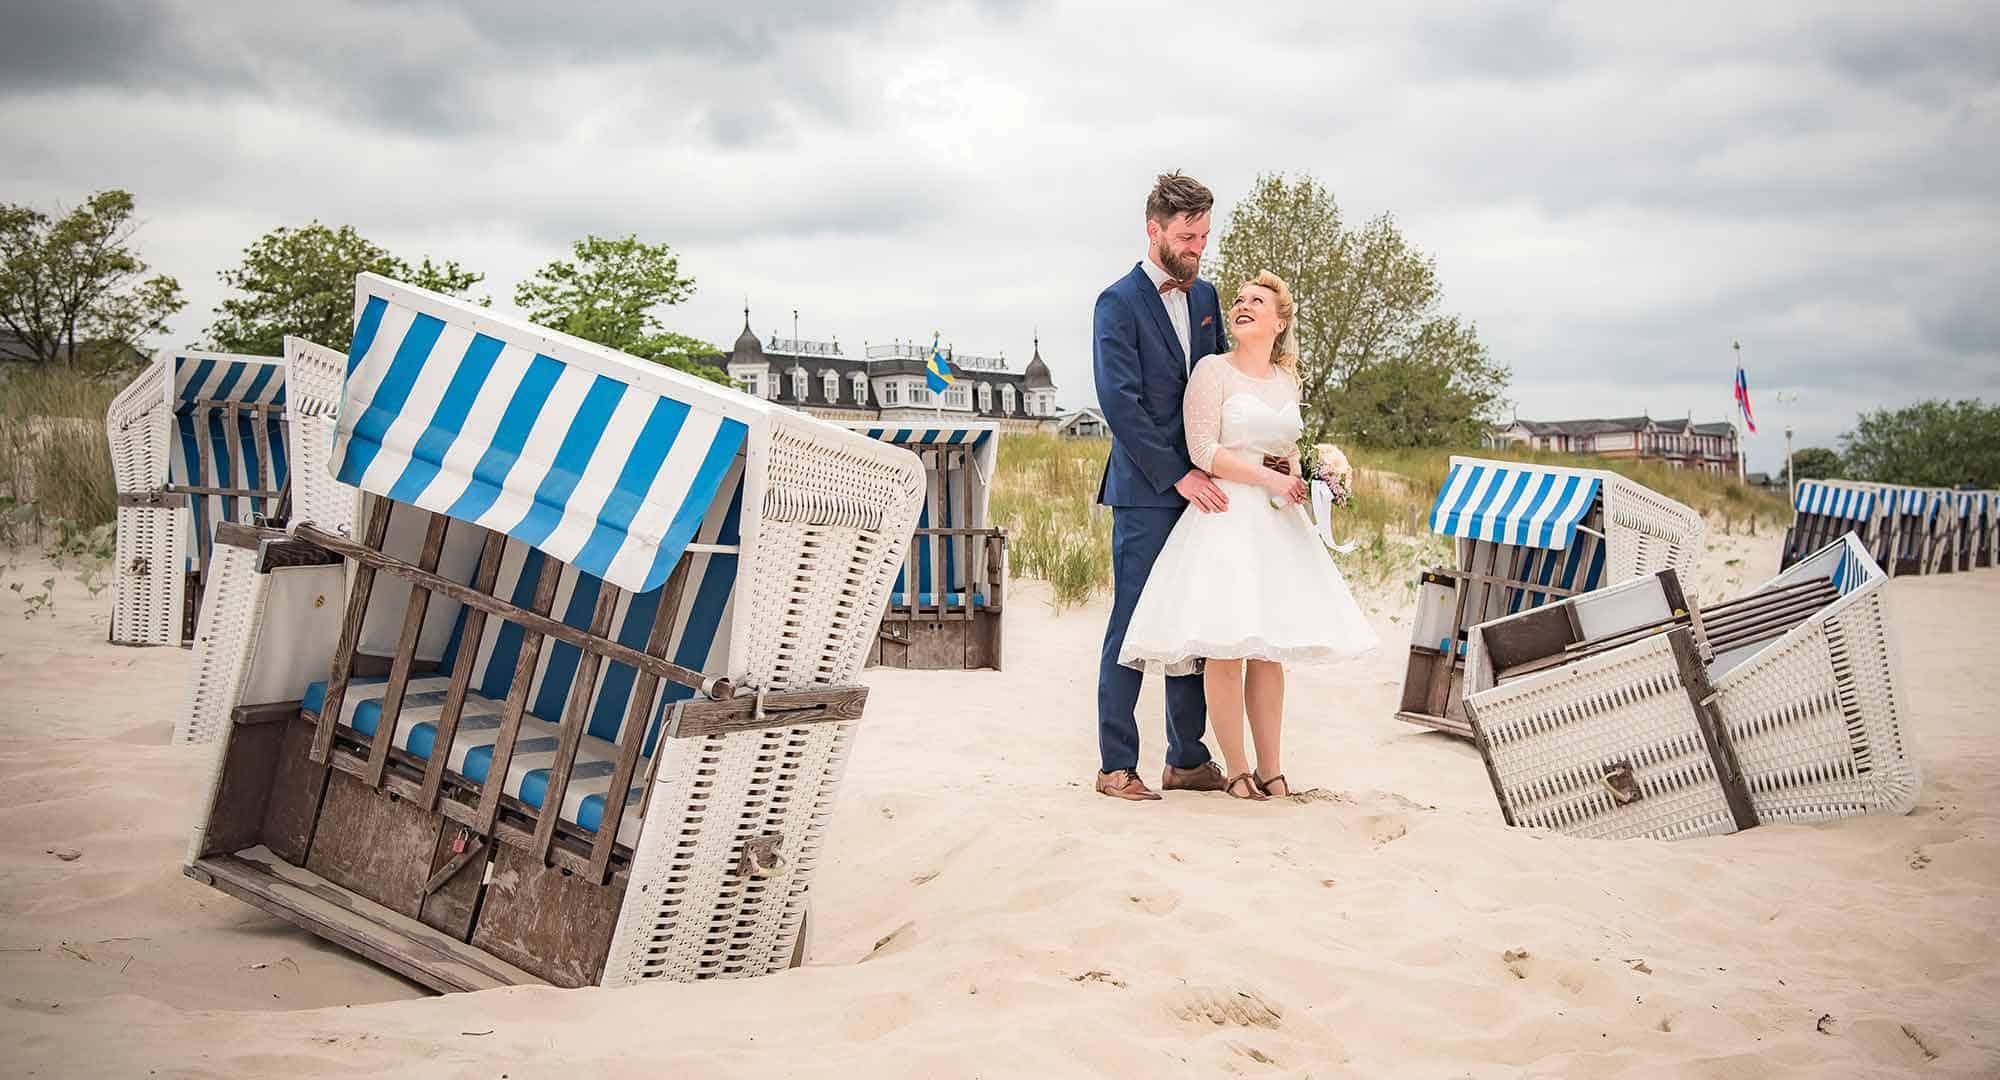 Brautpaar zwischen umgefallenen Strandkörben